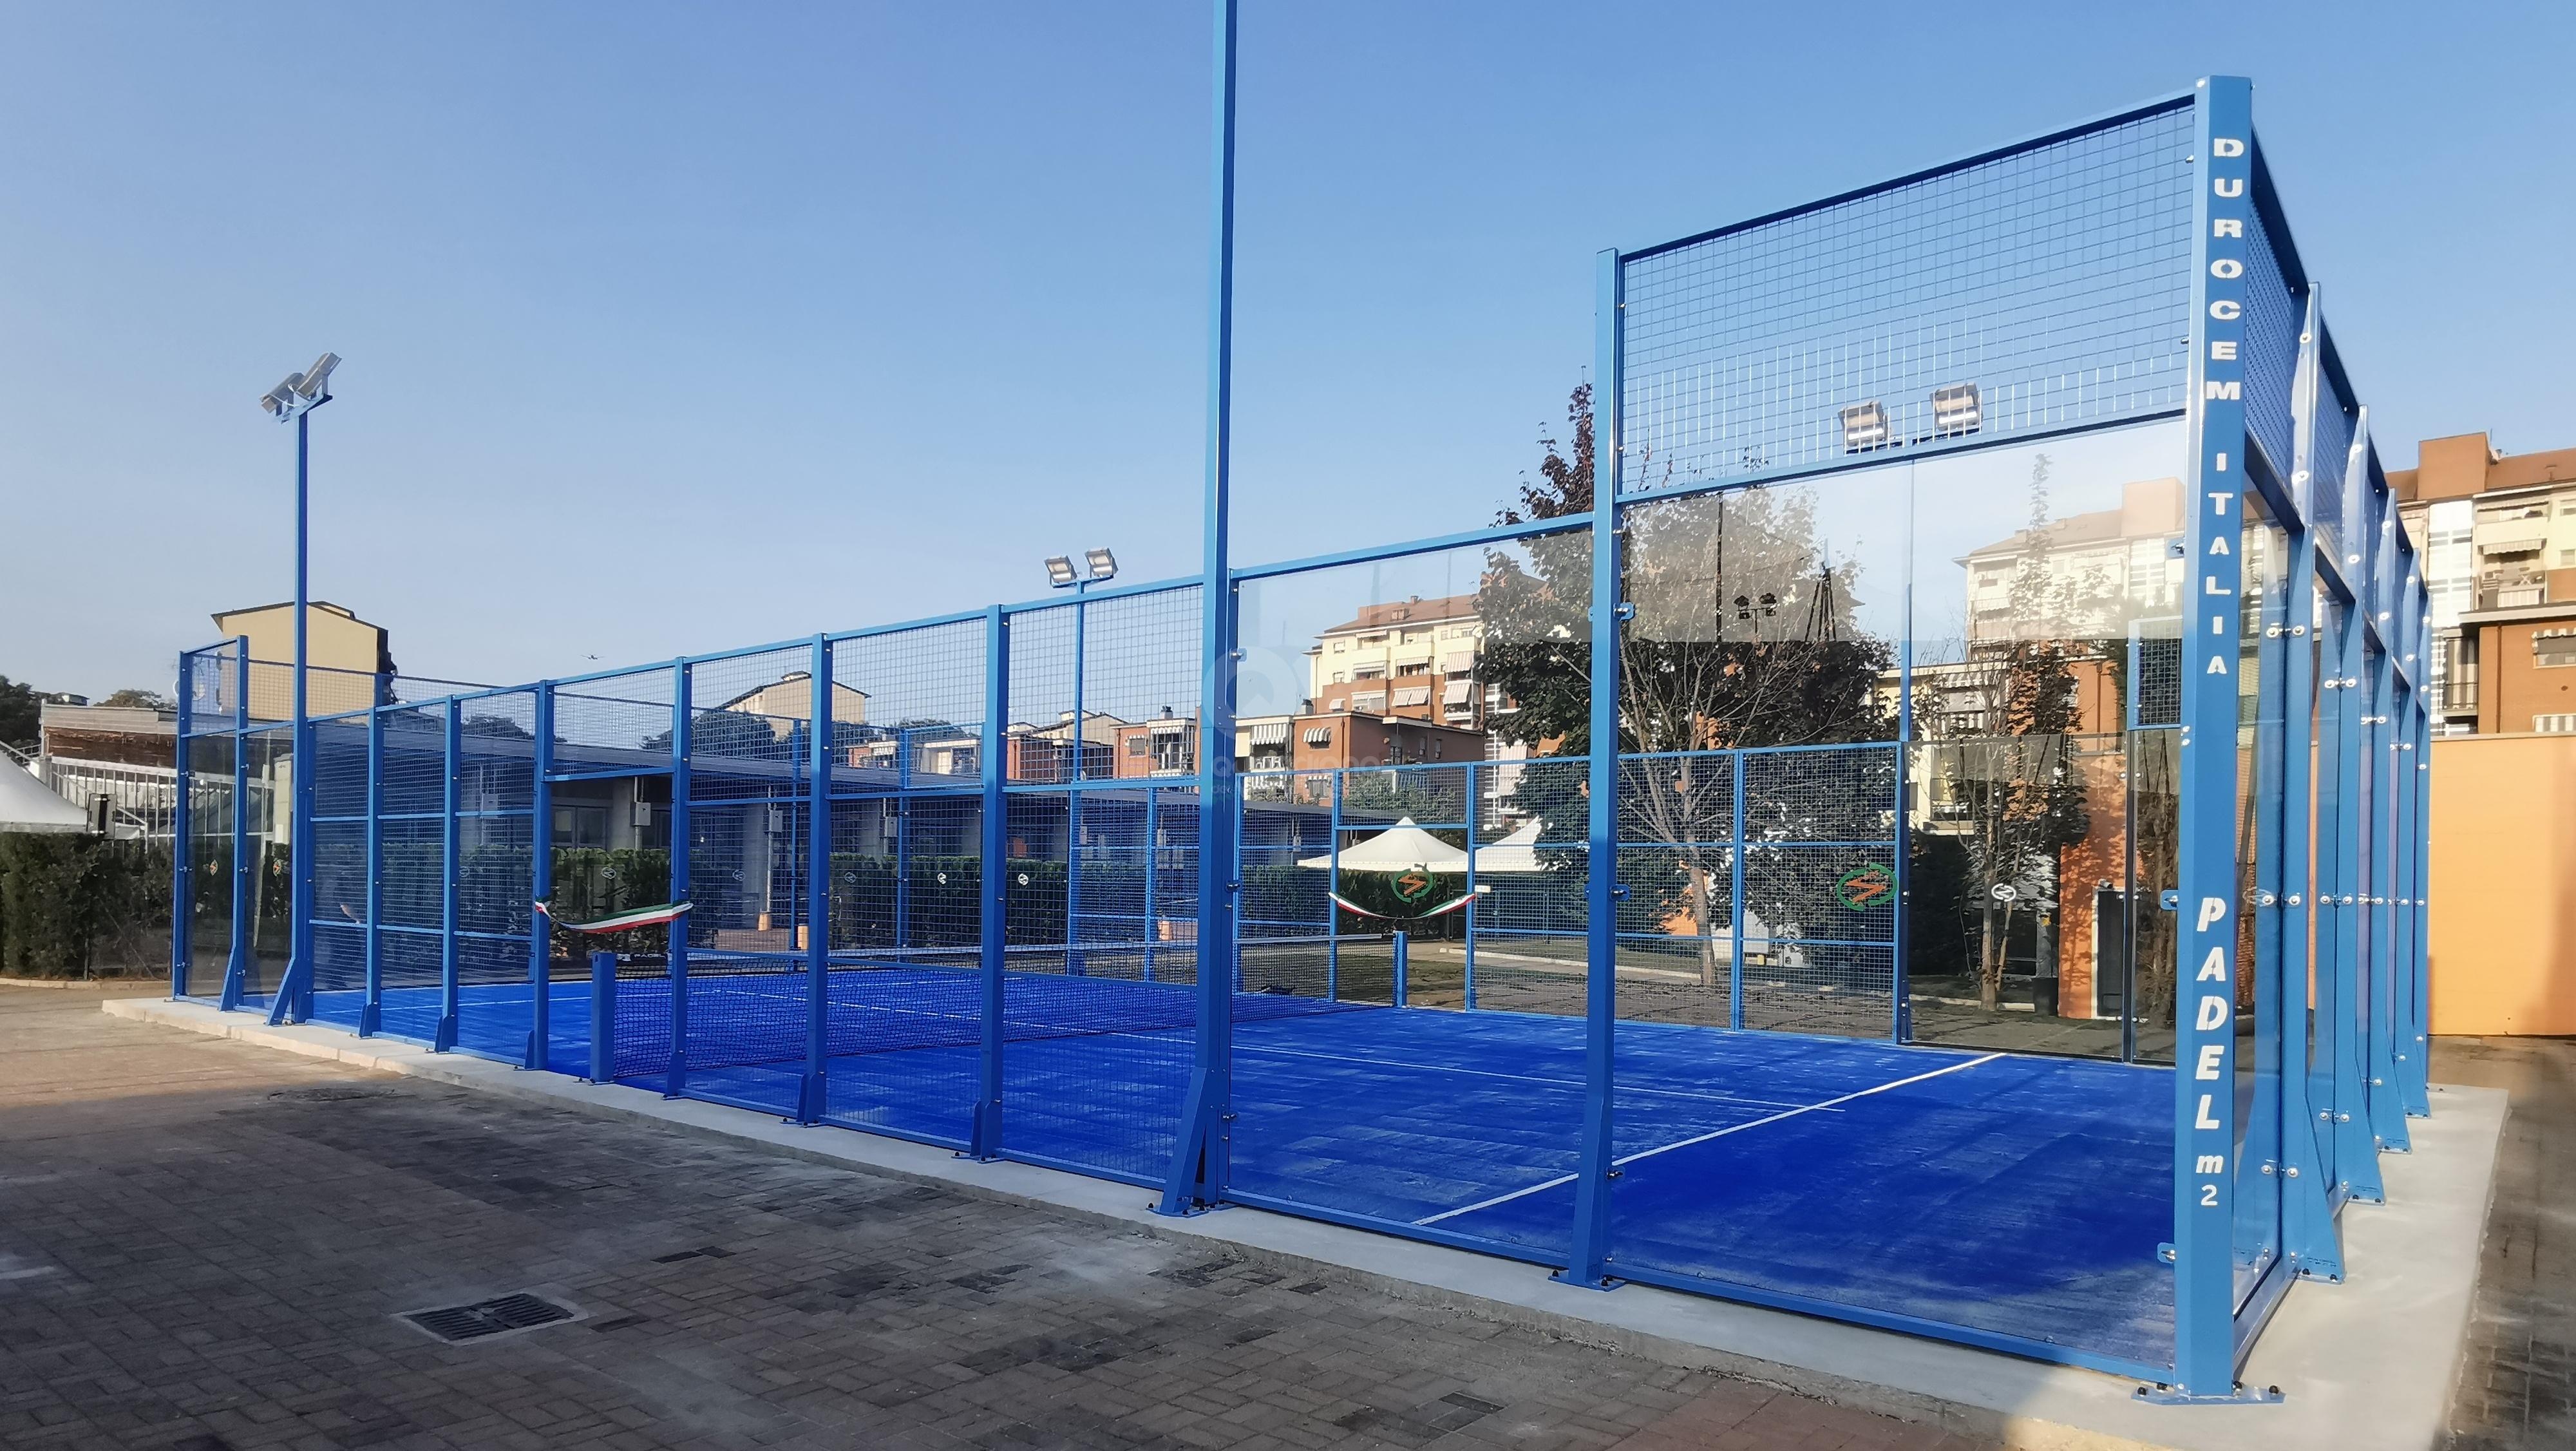 VENARIA - Taglio del nastro per i campi da paddle e del campo da basket allo «Sport Club» - FOTO